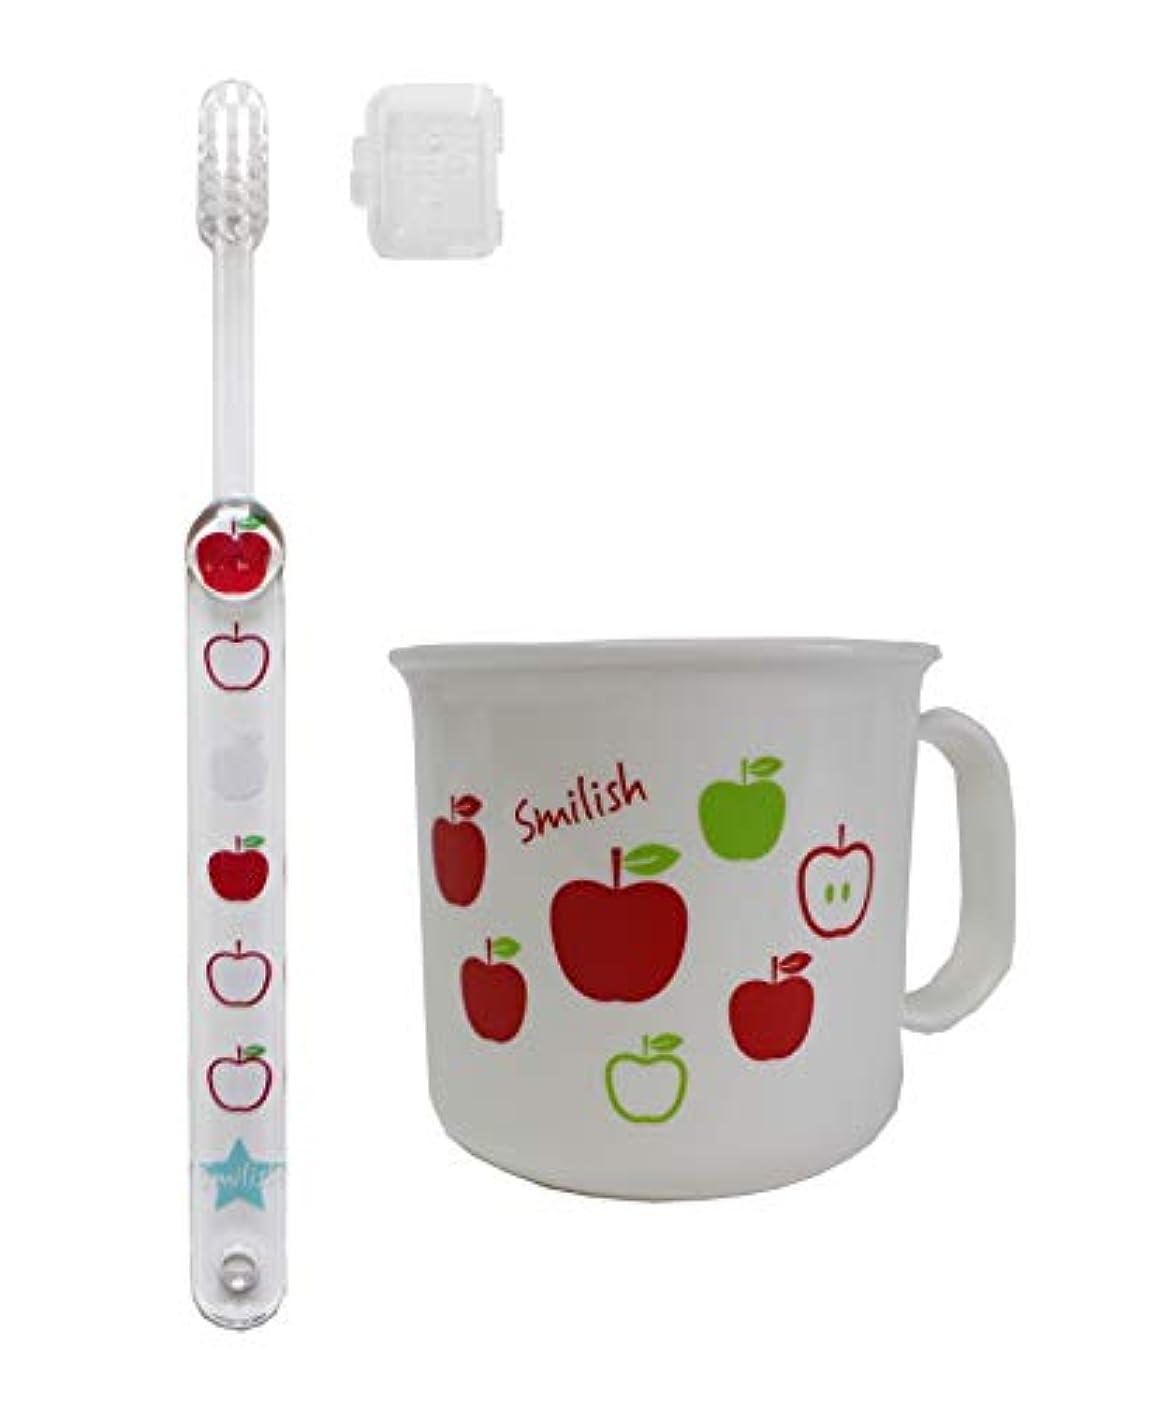 子ども歯ブラシ(キャップ付き) 耐熱コップセット アップル